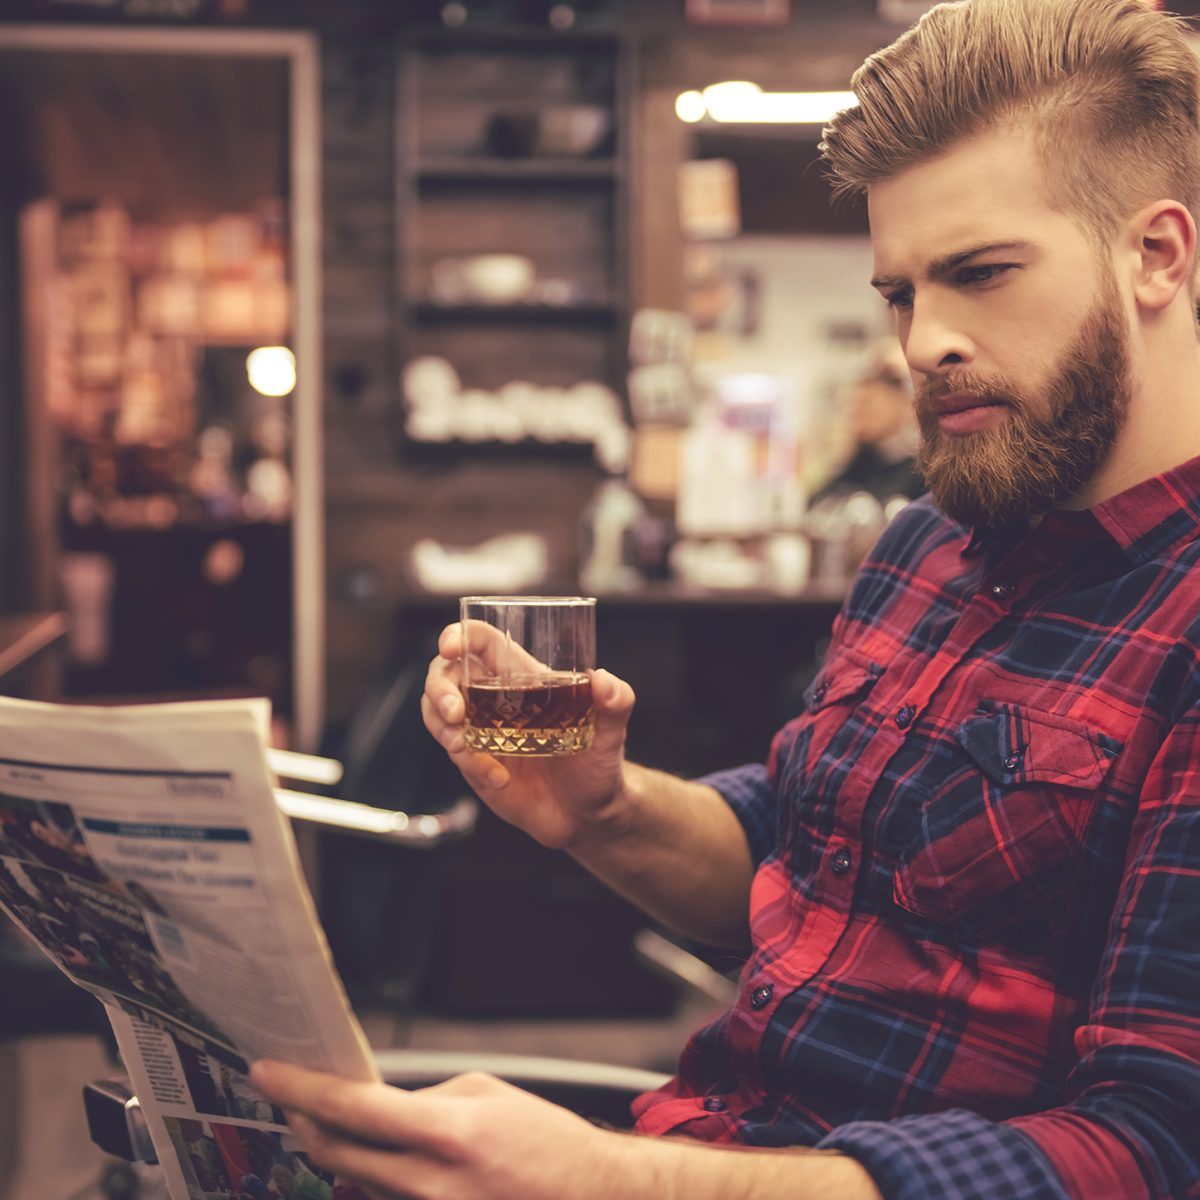 Maxime-homme-page-accueil-barbier-coiffeur-noyon1